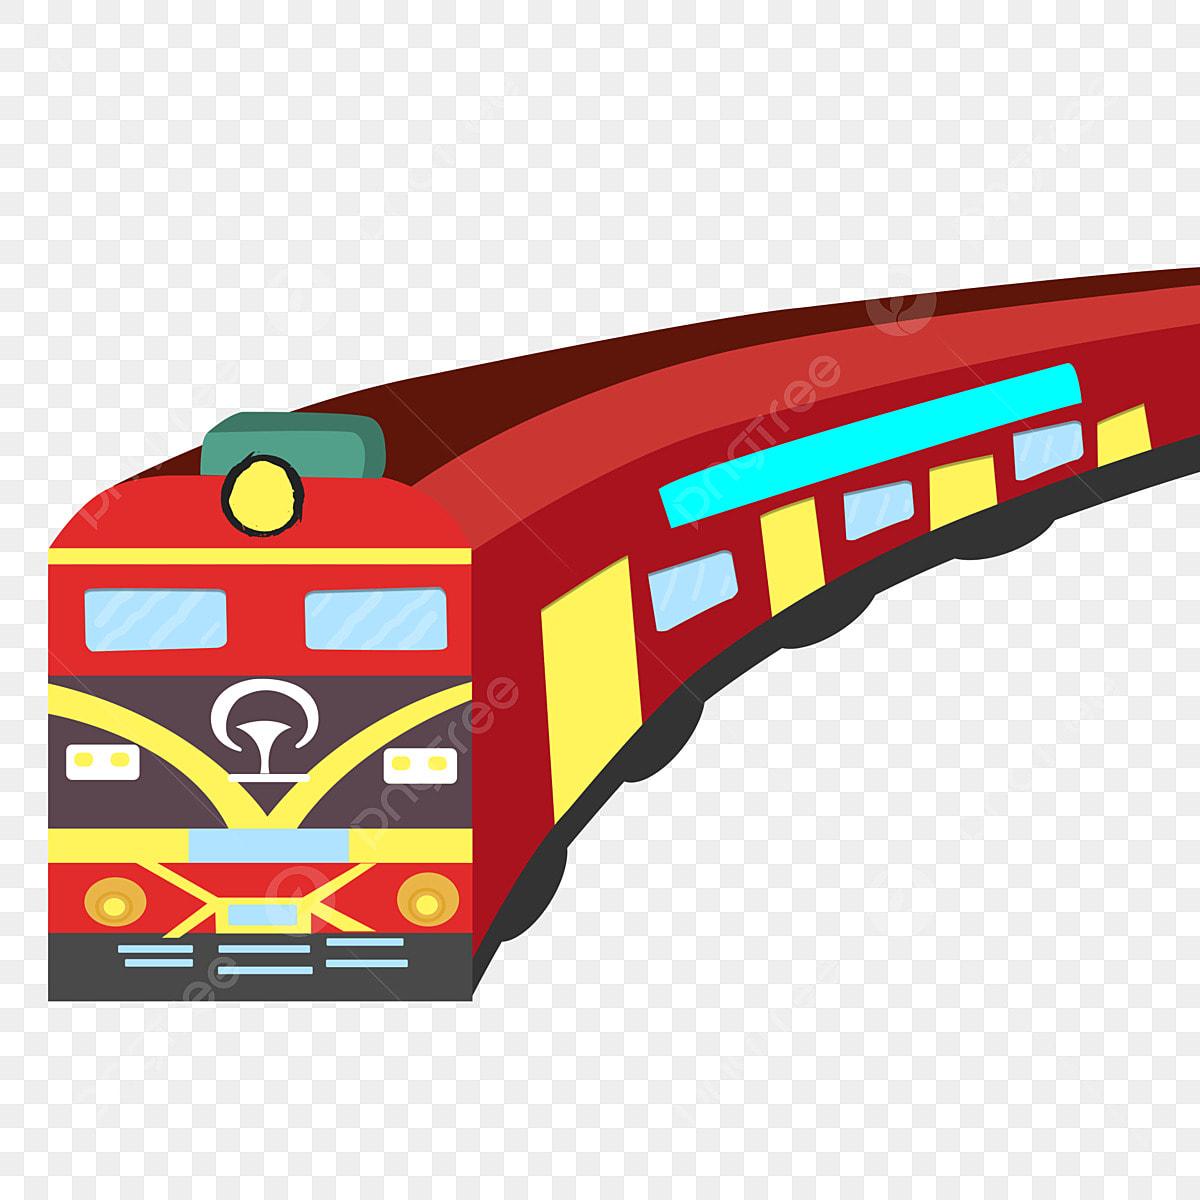 Gambar Kereta Api Kartun Berwarna Gambar Pengangkutan Kereta Api Kereta Api Corak Hiasan Pengangkutan Kereta Api Corak Hiasan Png Dan Psd Untuk Muat Turun Percuma